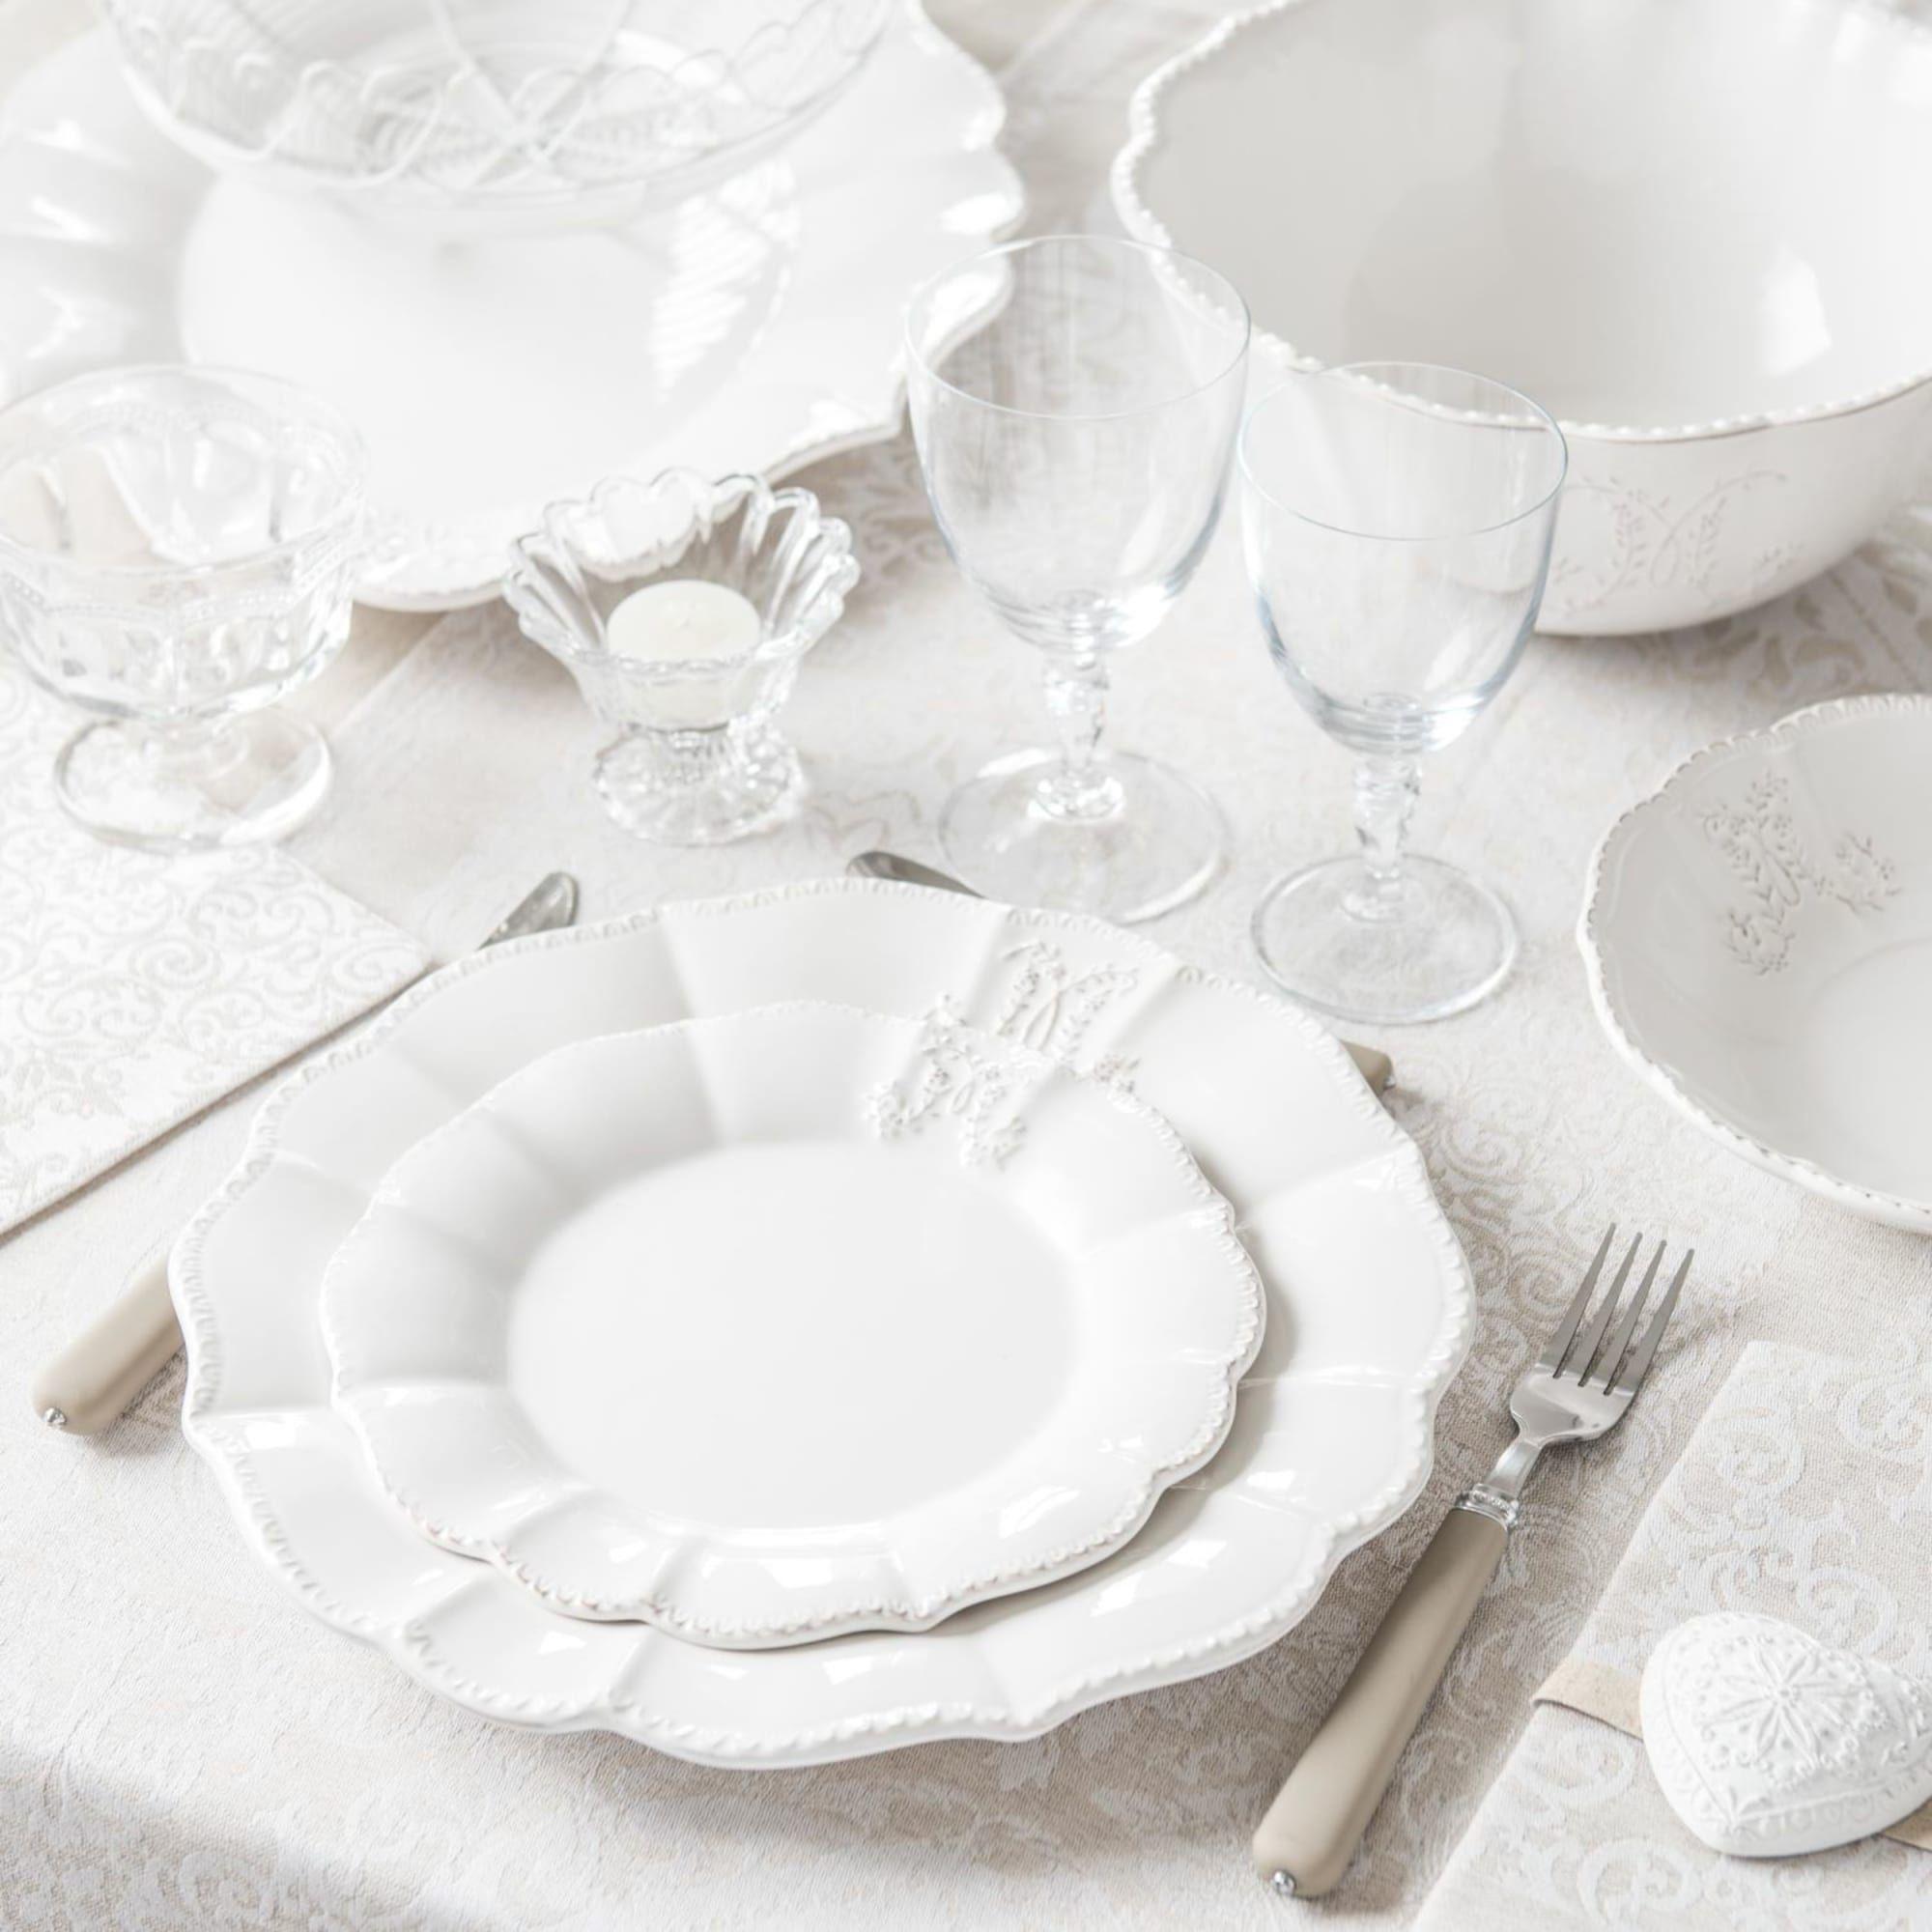 Plat Ovale En Faience Blanche En 2020 Vaisselle Blanche Maison Du Monde Et Assiette Creuse